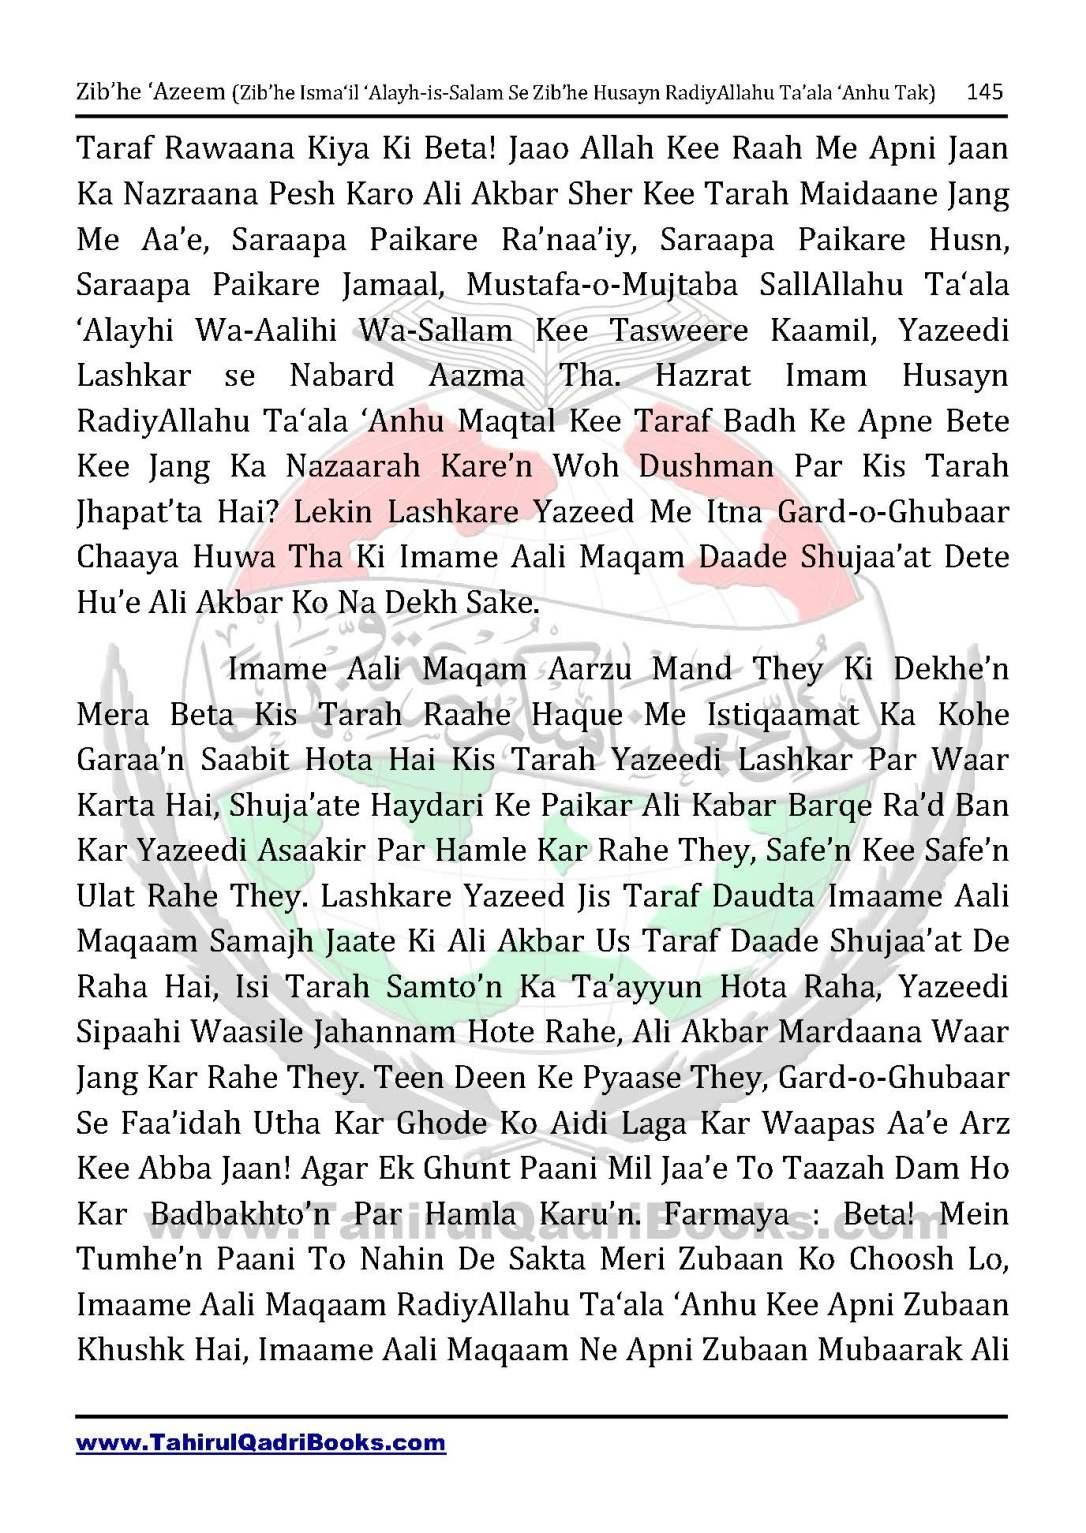 zib_he-e28098azeem-zib_he-ismacabbil-se-zib_he-husayn-tak-in-roman-urdu-unlocked_Page_145